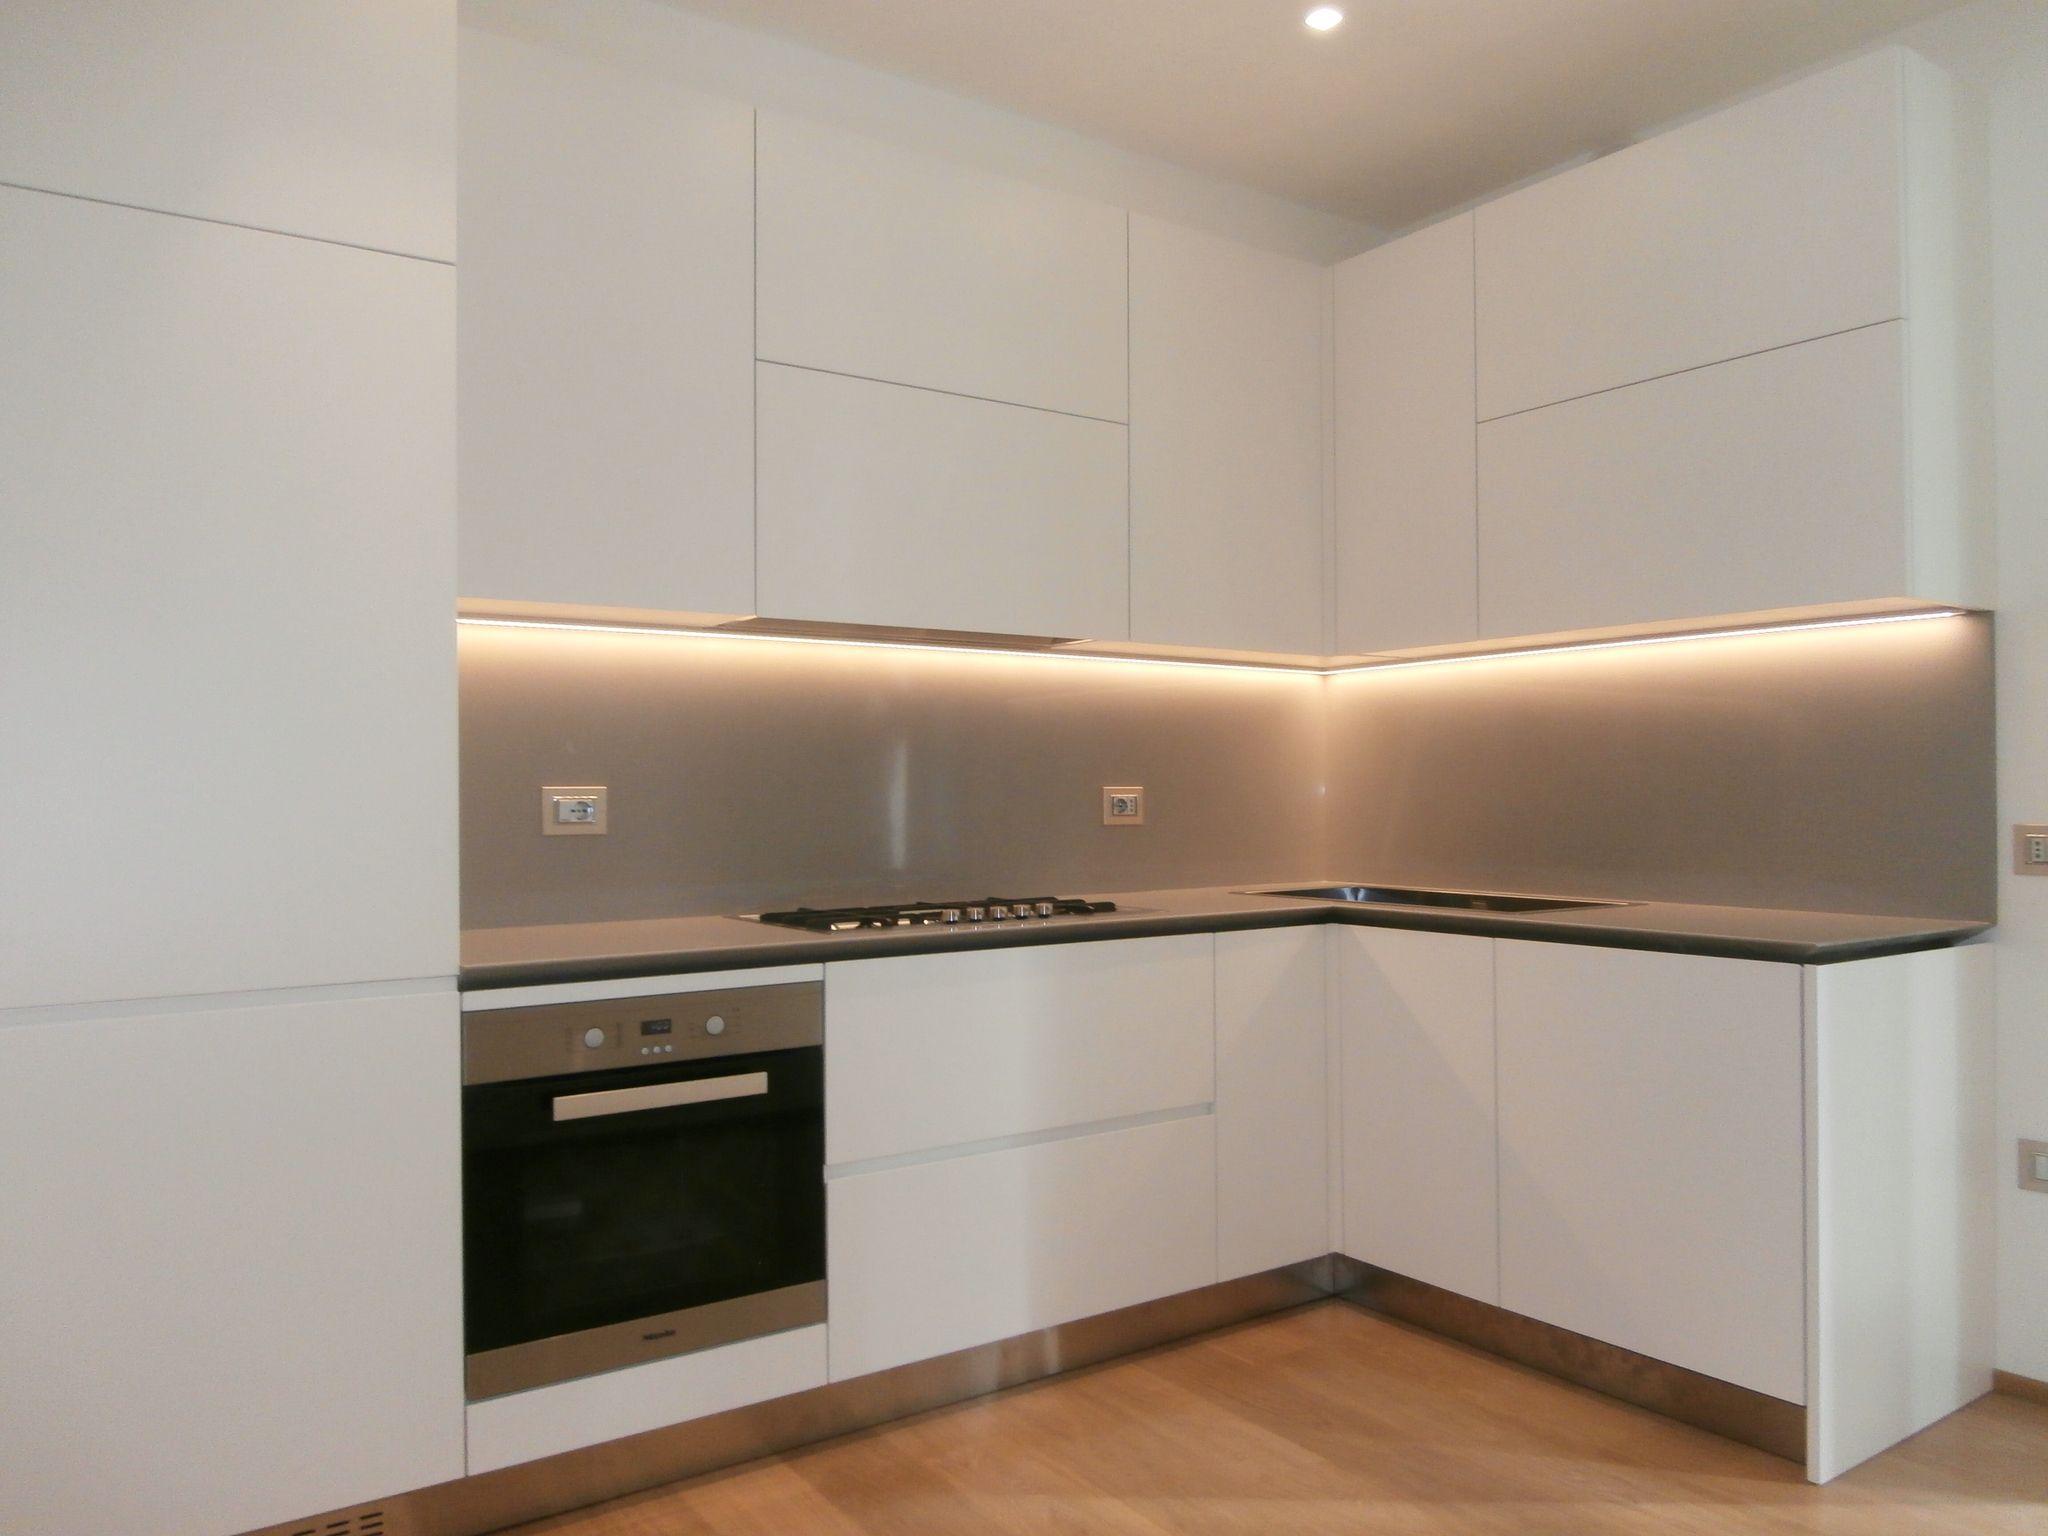 Cucina moderna senza maniglia laccata opaca avorio con piano di